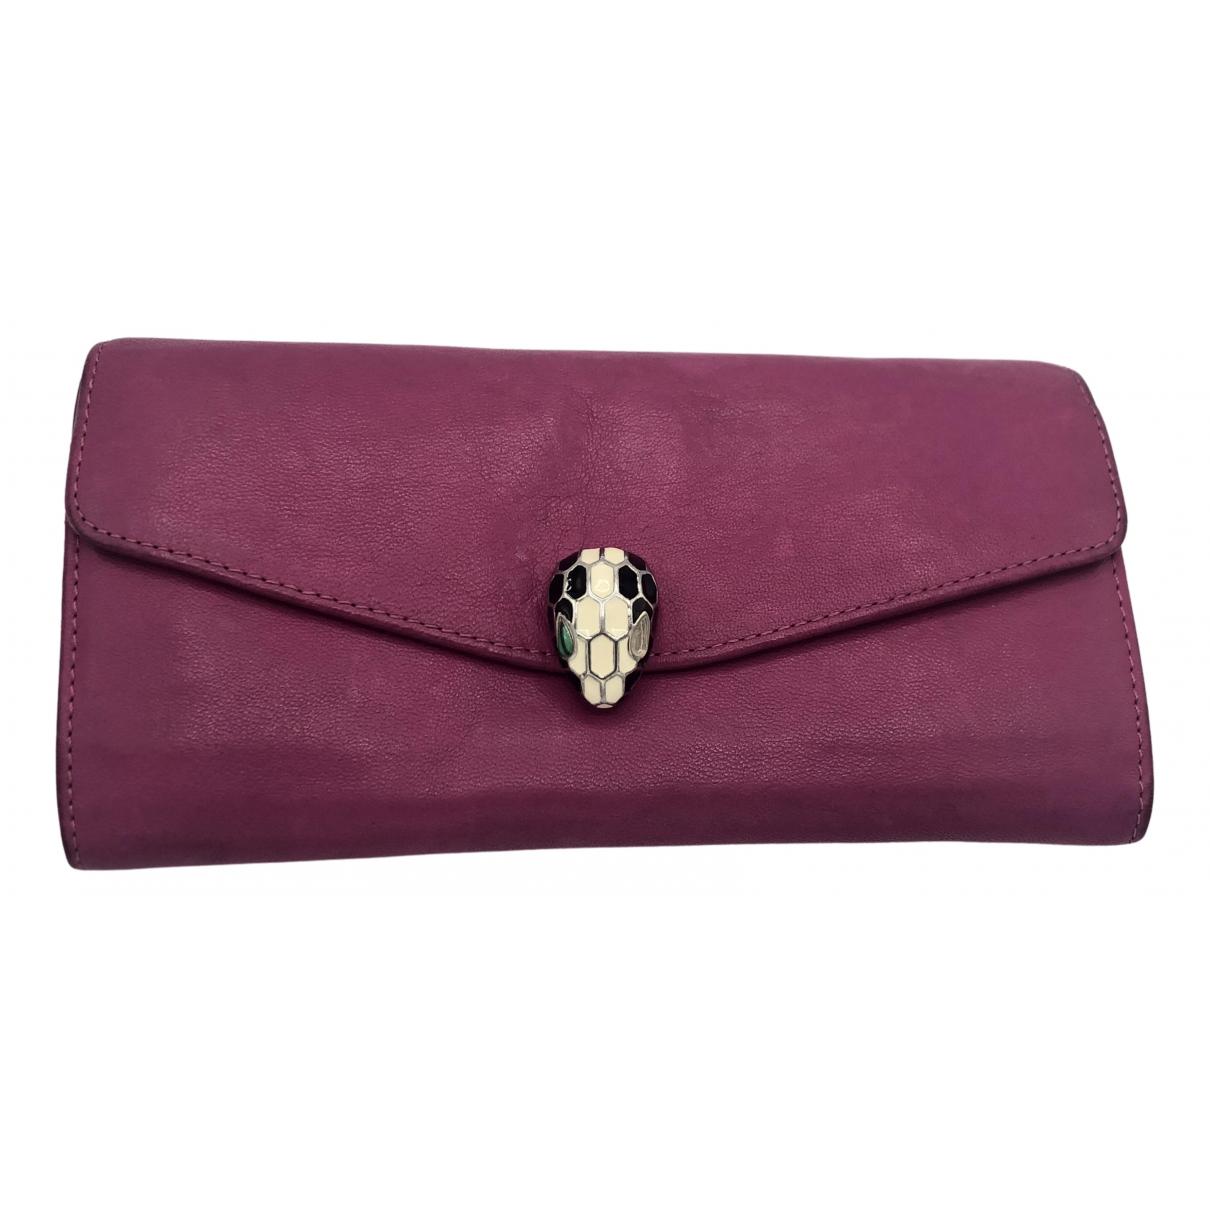 Bvlgari - Portefeuille Serpenti pour femme en cuir - rose